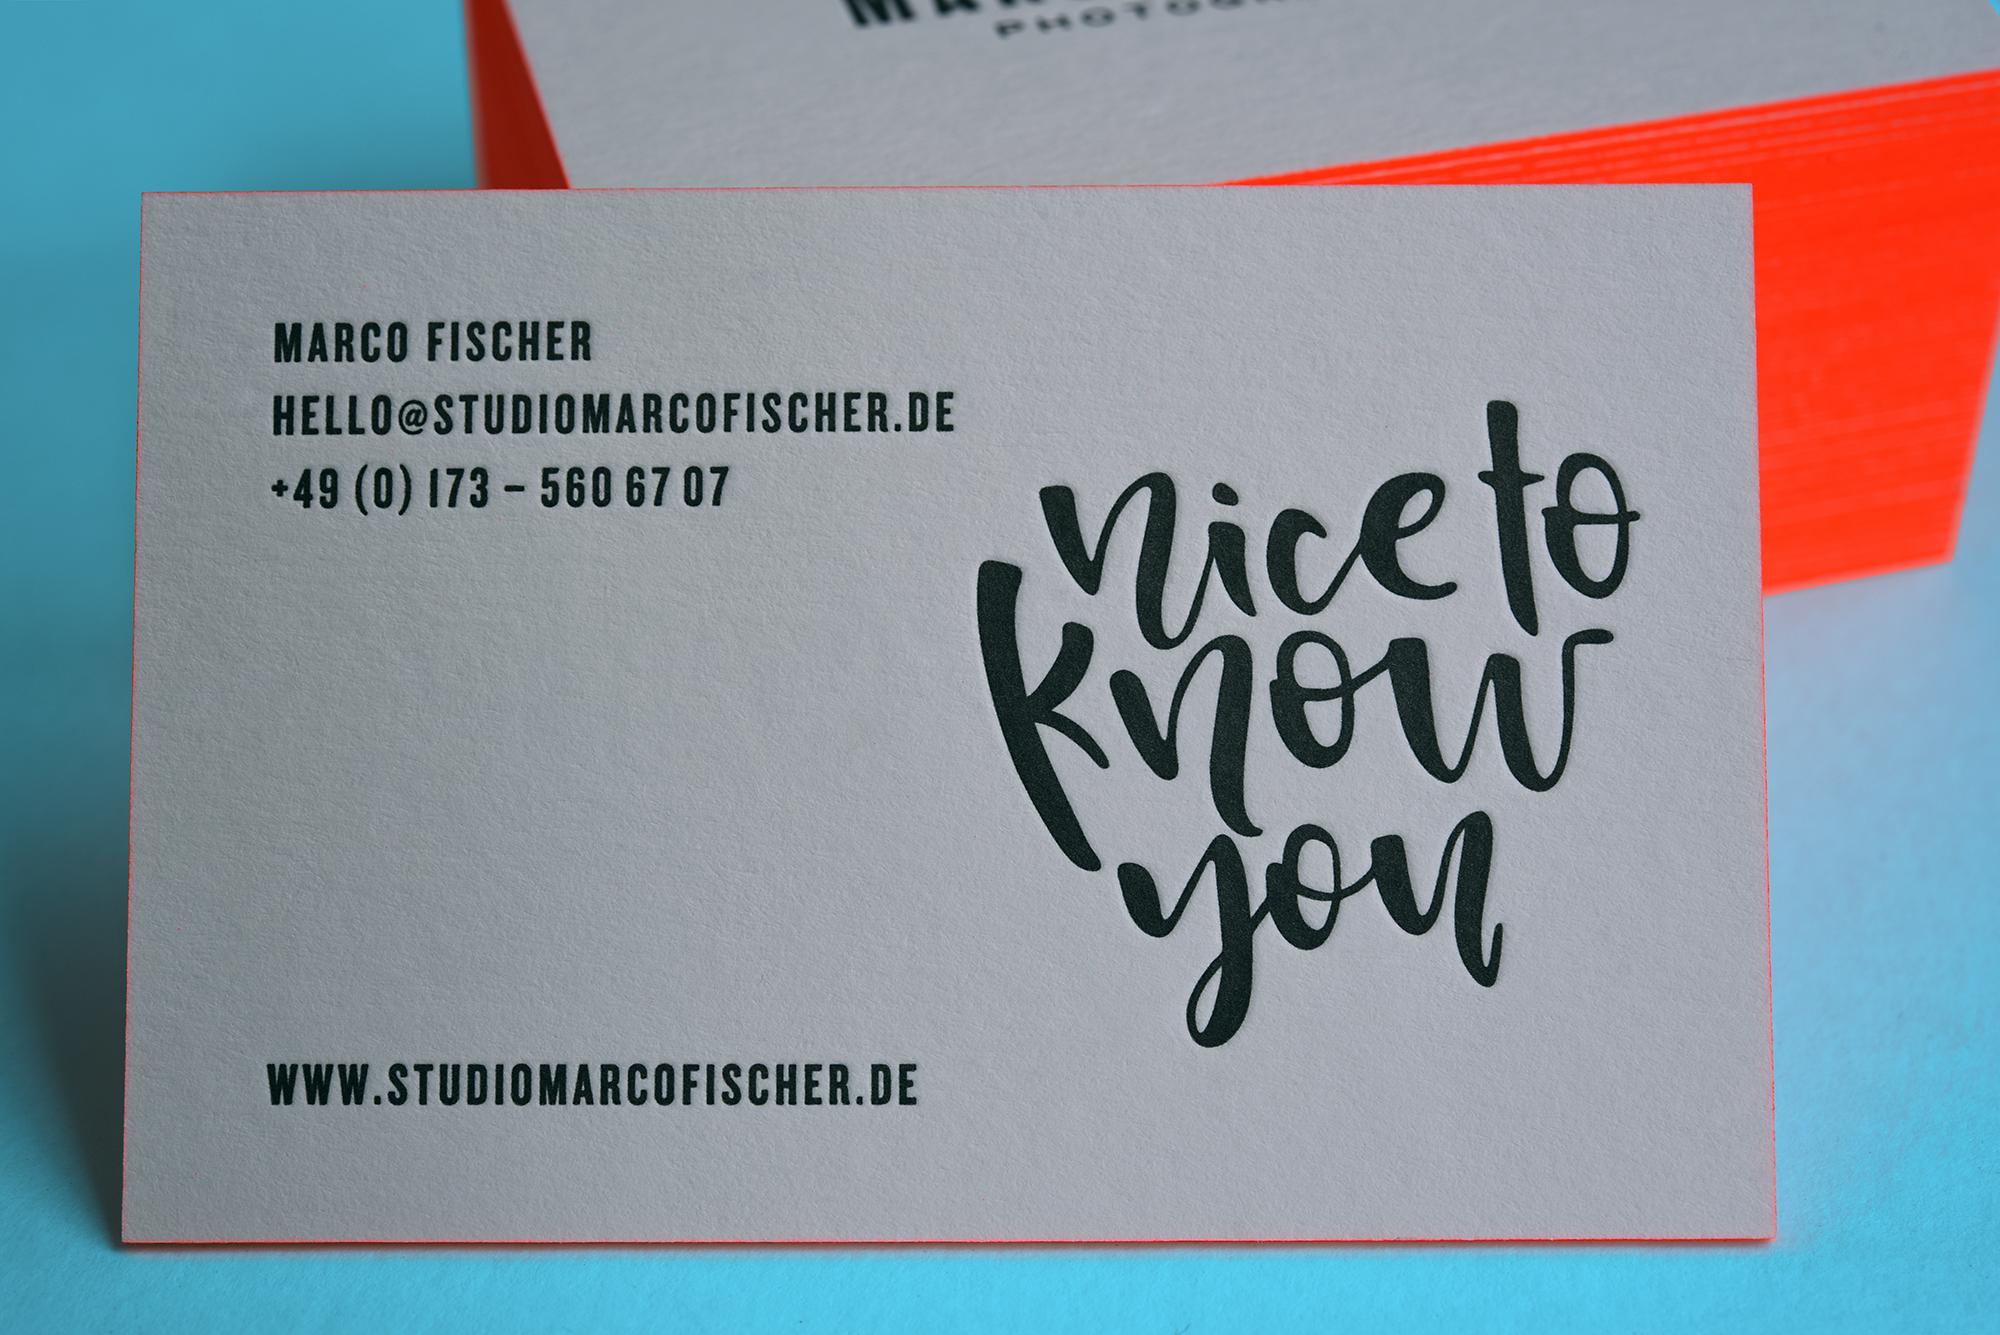 Letterpressoprintakzente Setzen Mit Neon Farbschnitt